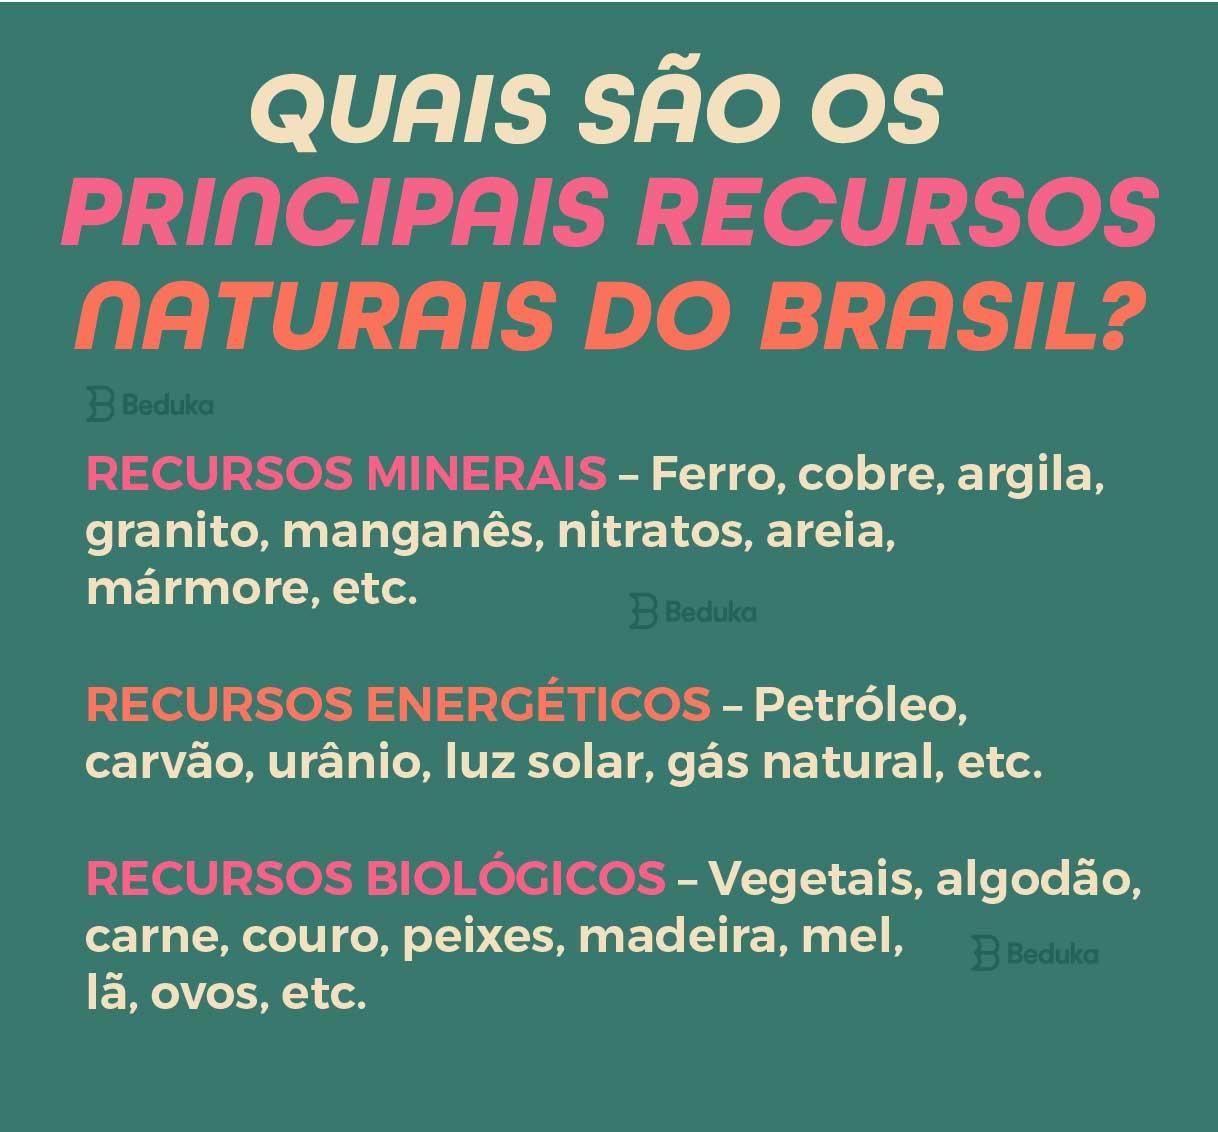 quais são os principais recursos naturais do Brasil